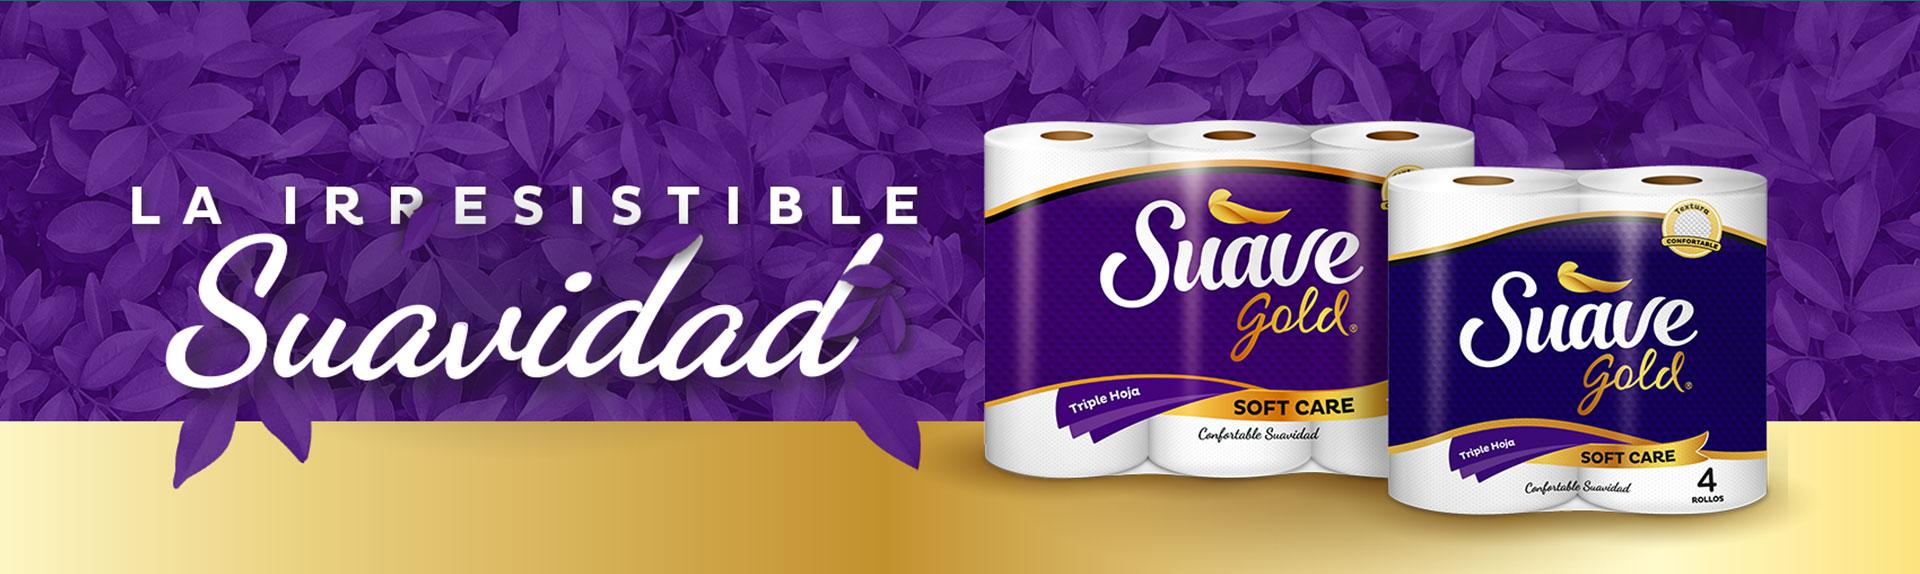 slide-suave-gold